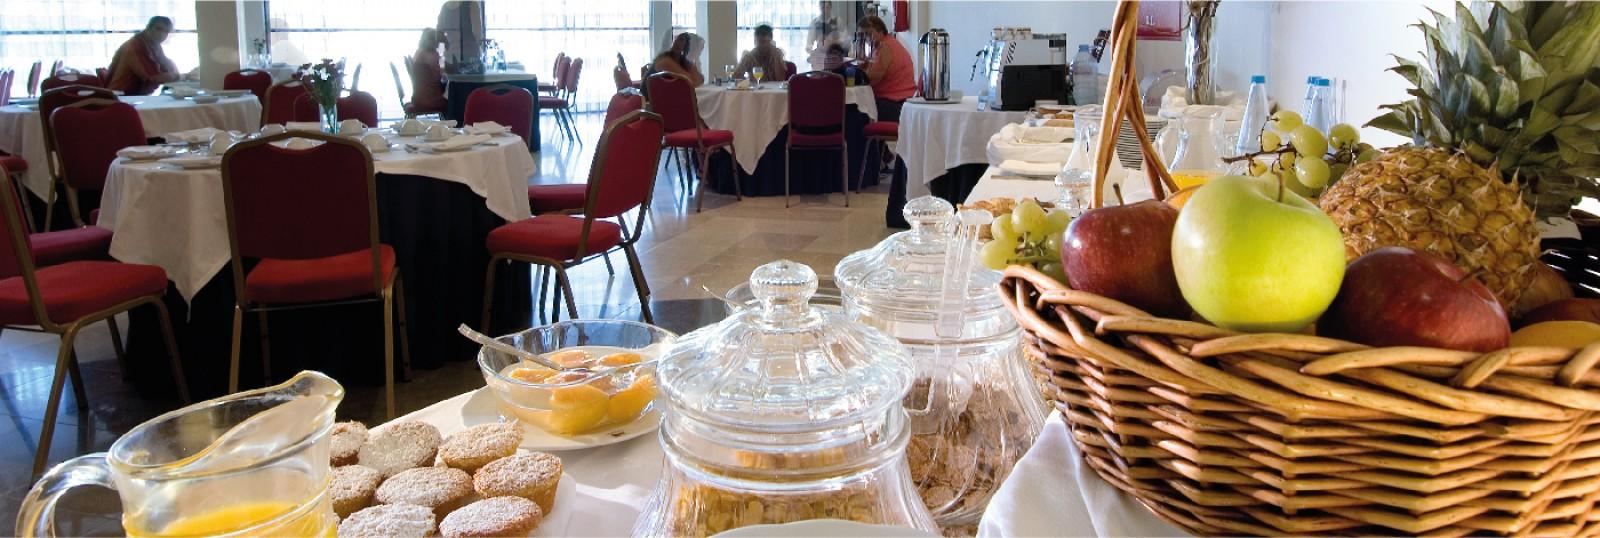 Hotel Eurosol Alcanena - Desayuno